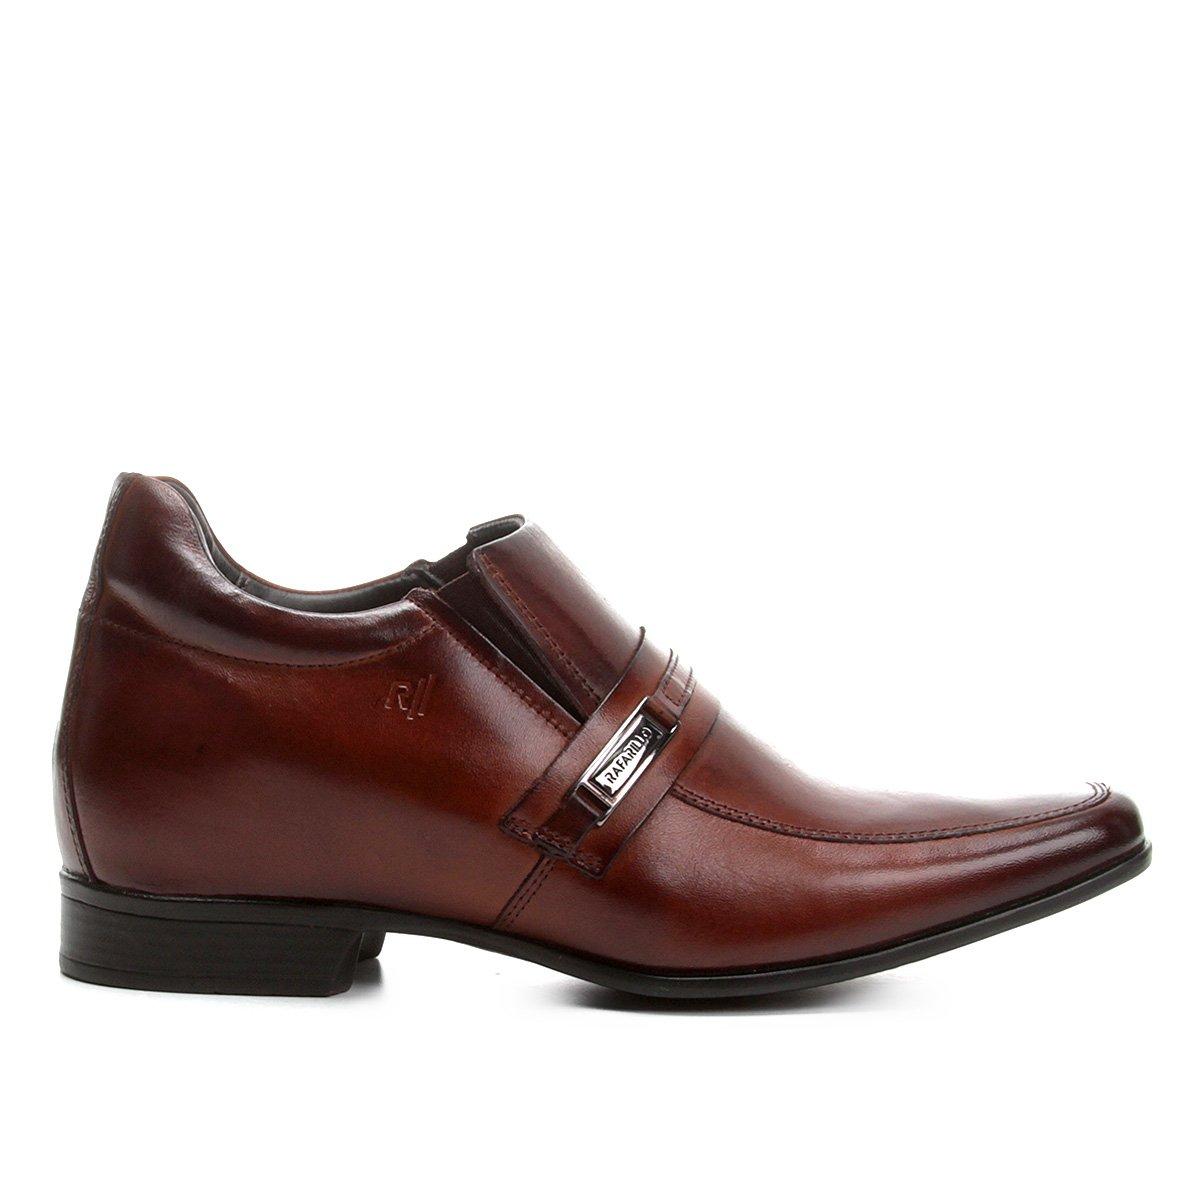 Sapato Masculino Couro Social Las Marrom Vegas Rafarillo Escuro Sapato Social 5qTxAA